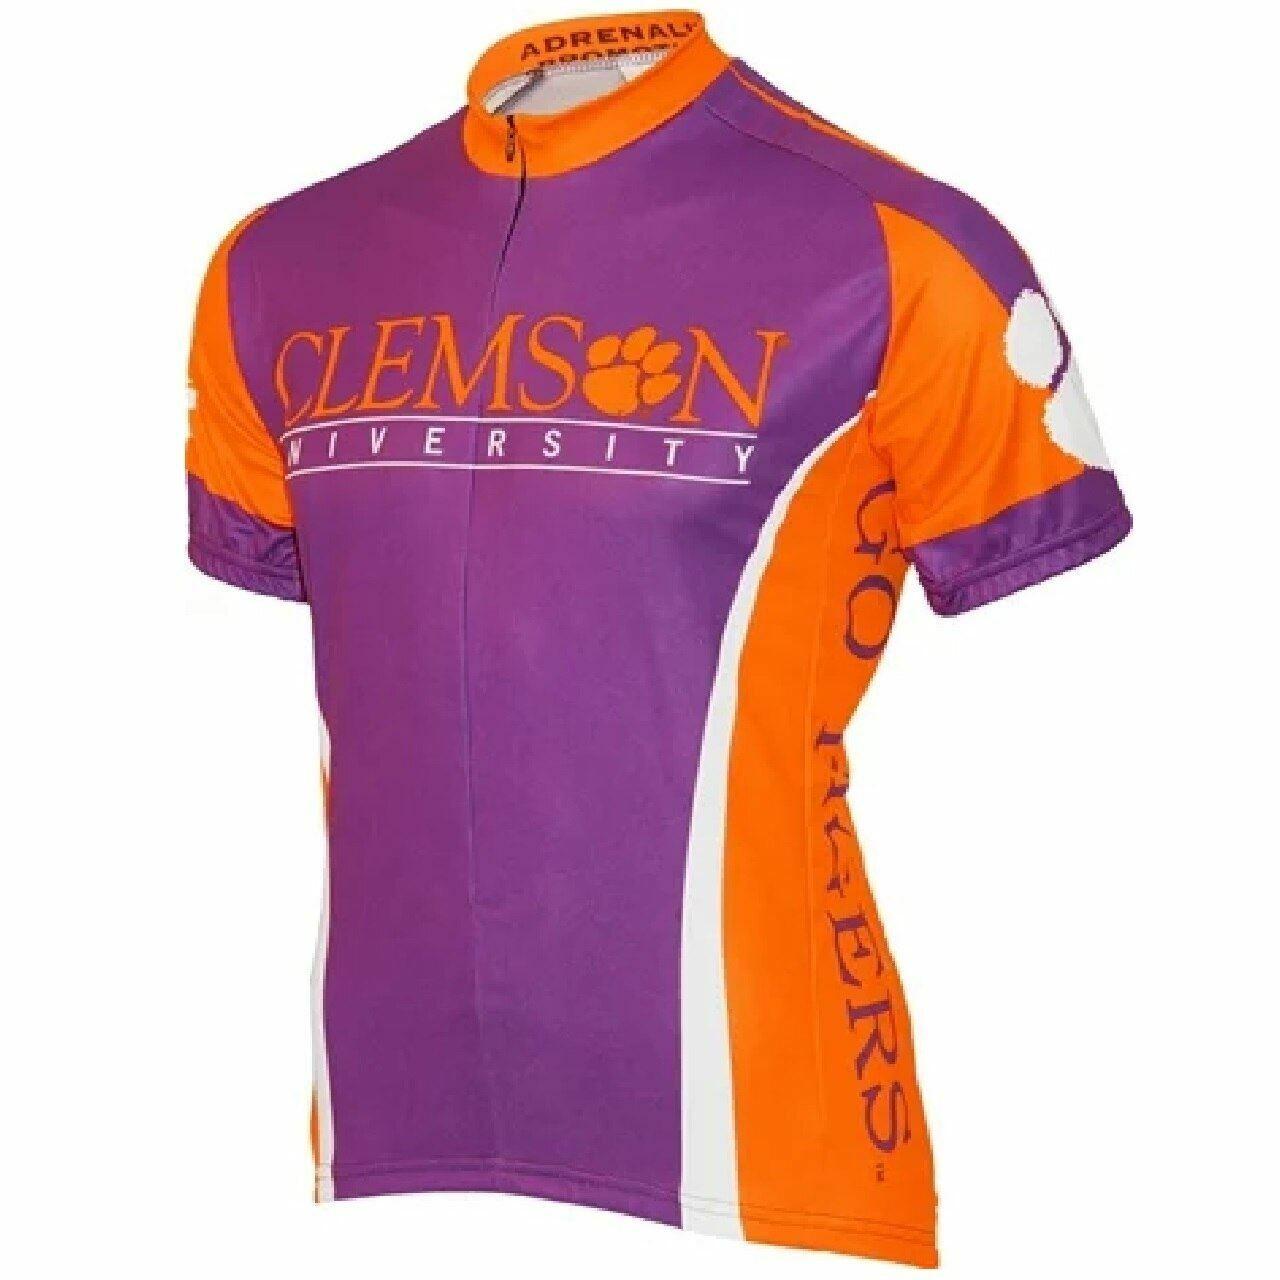 Adrenaline Promo Clemson University Tigers College 3 4 zip Sie's Radfahren Jersey